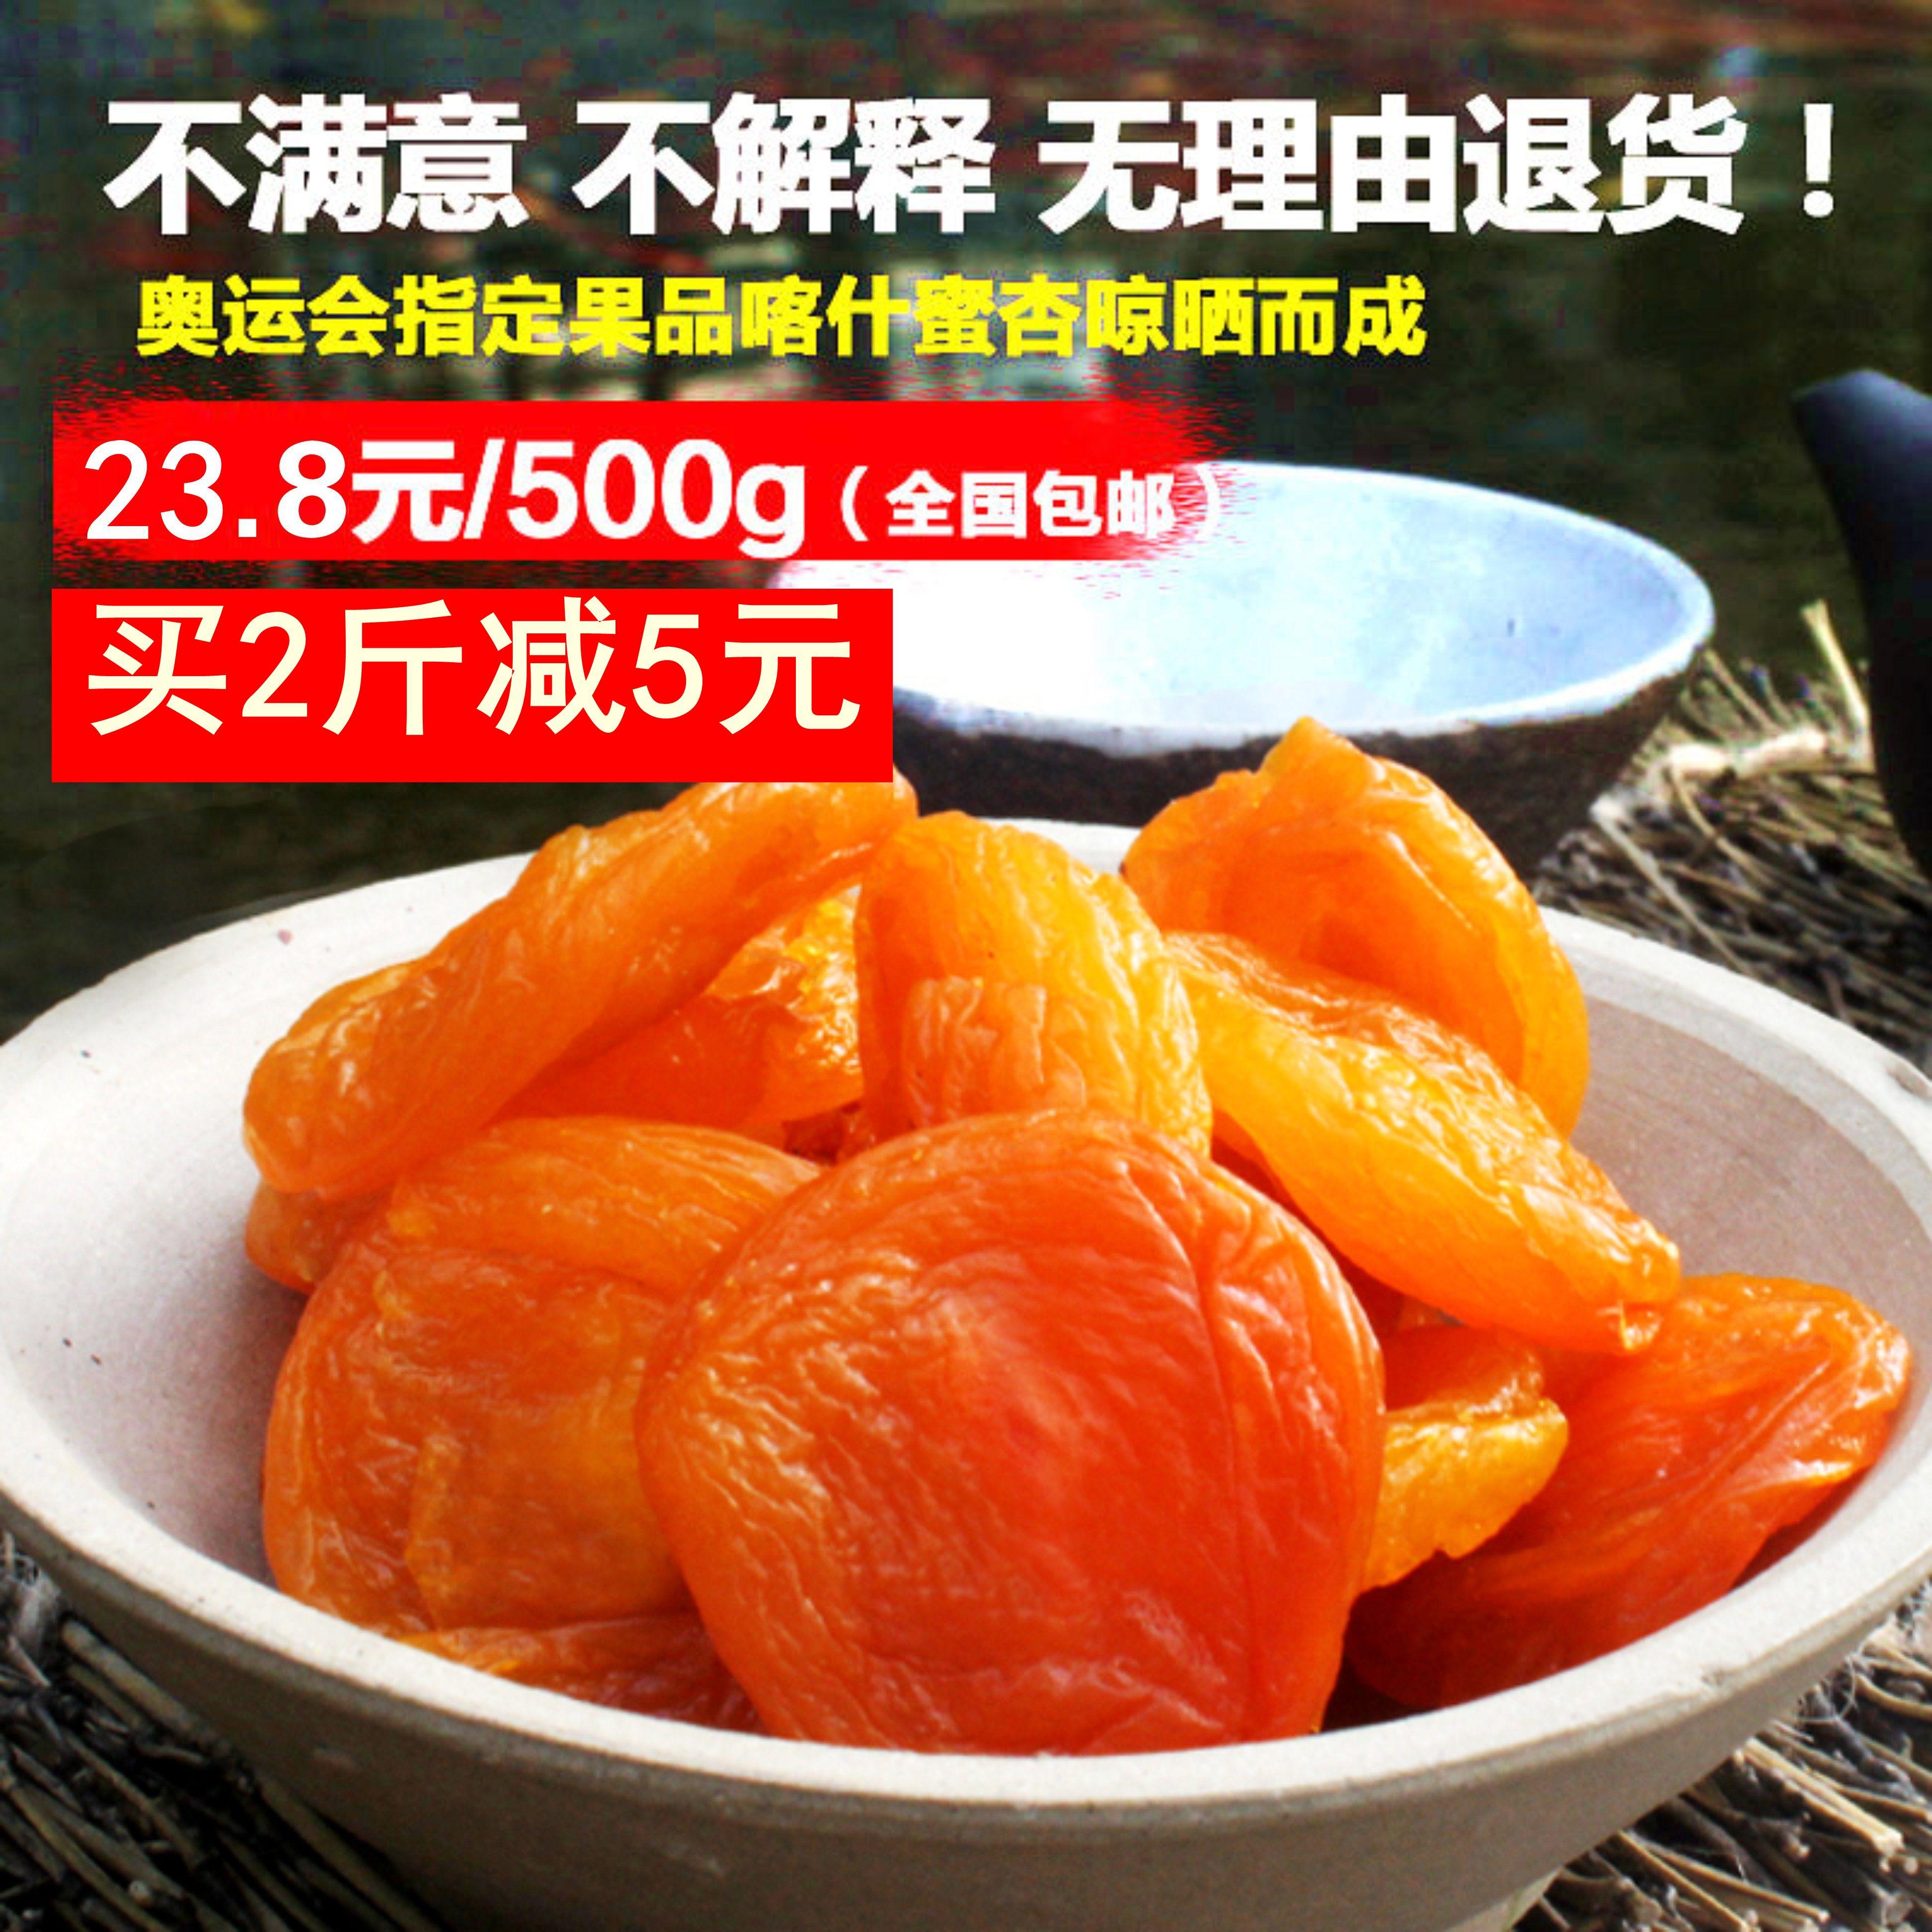 Без Горький набор новый Синьцзян специальность сушеные абрикосы сушеный абрикос 500 г солодка абрикос красный Сушеные абрикосы без Добавить натуральные закуски